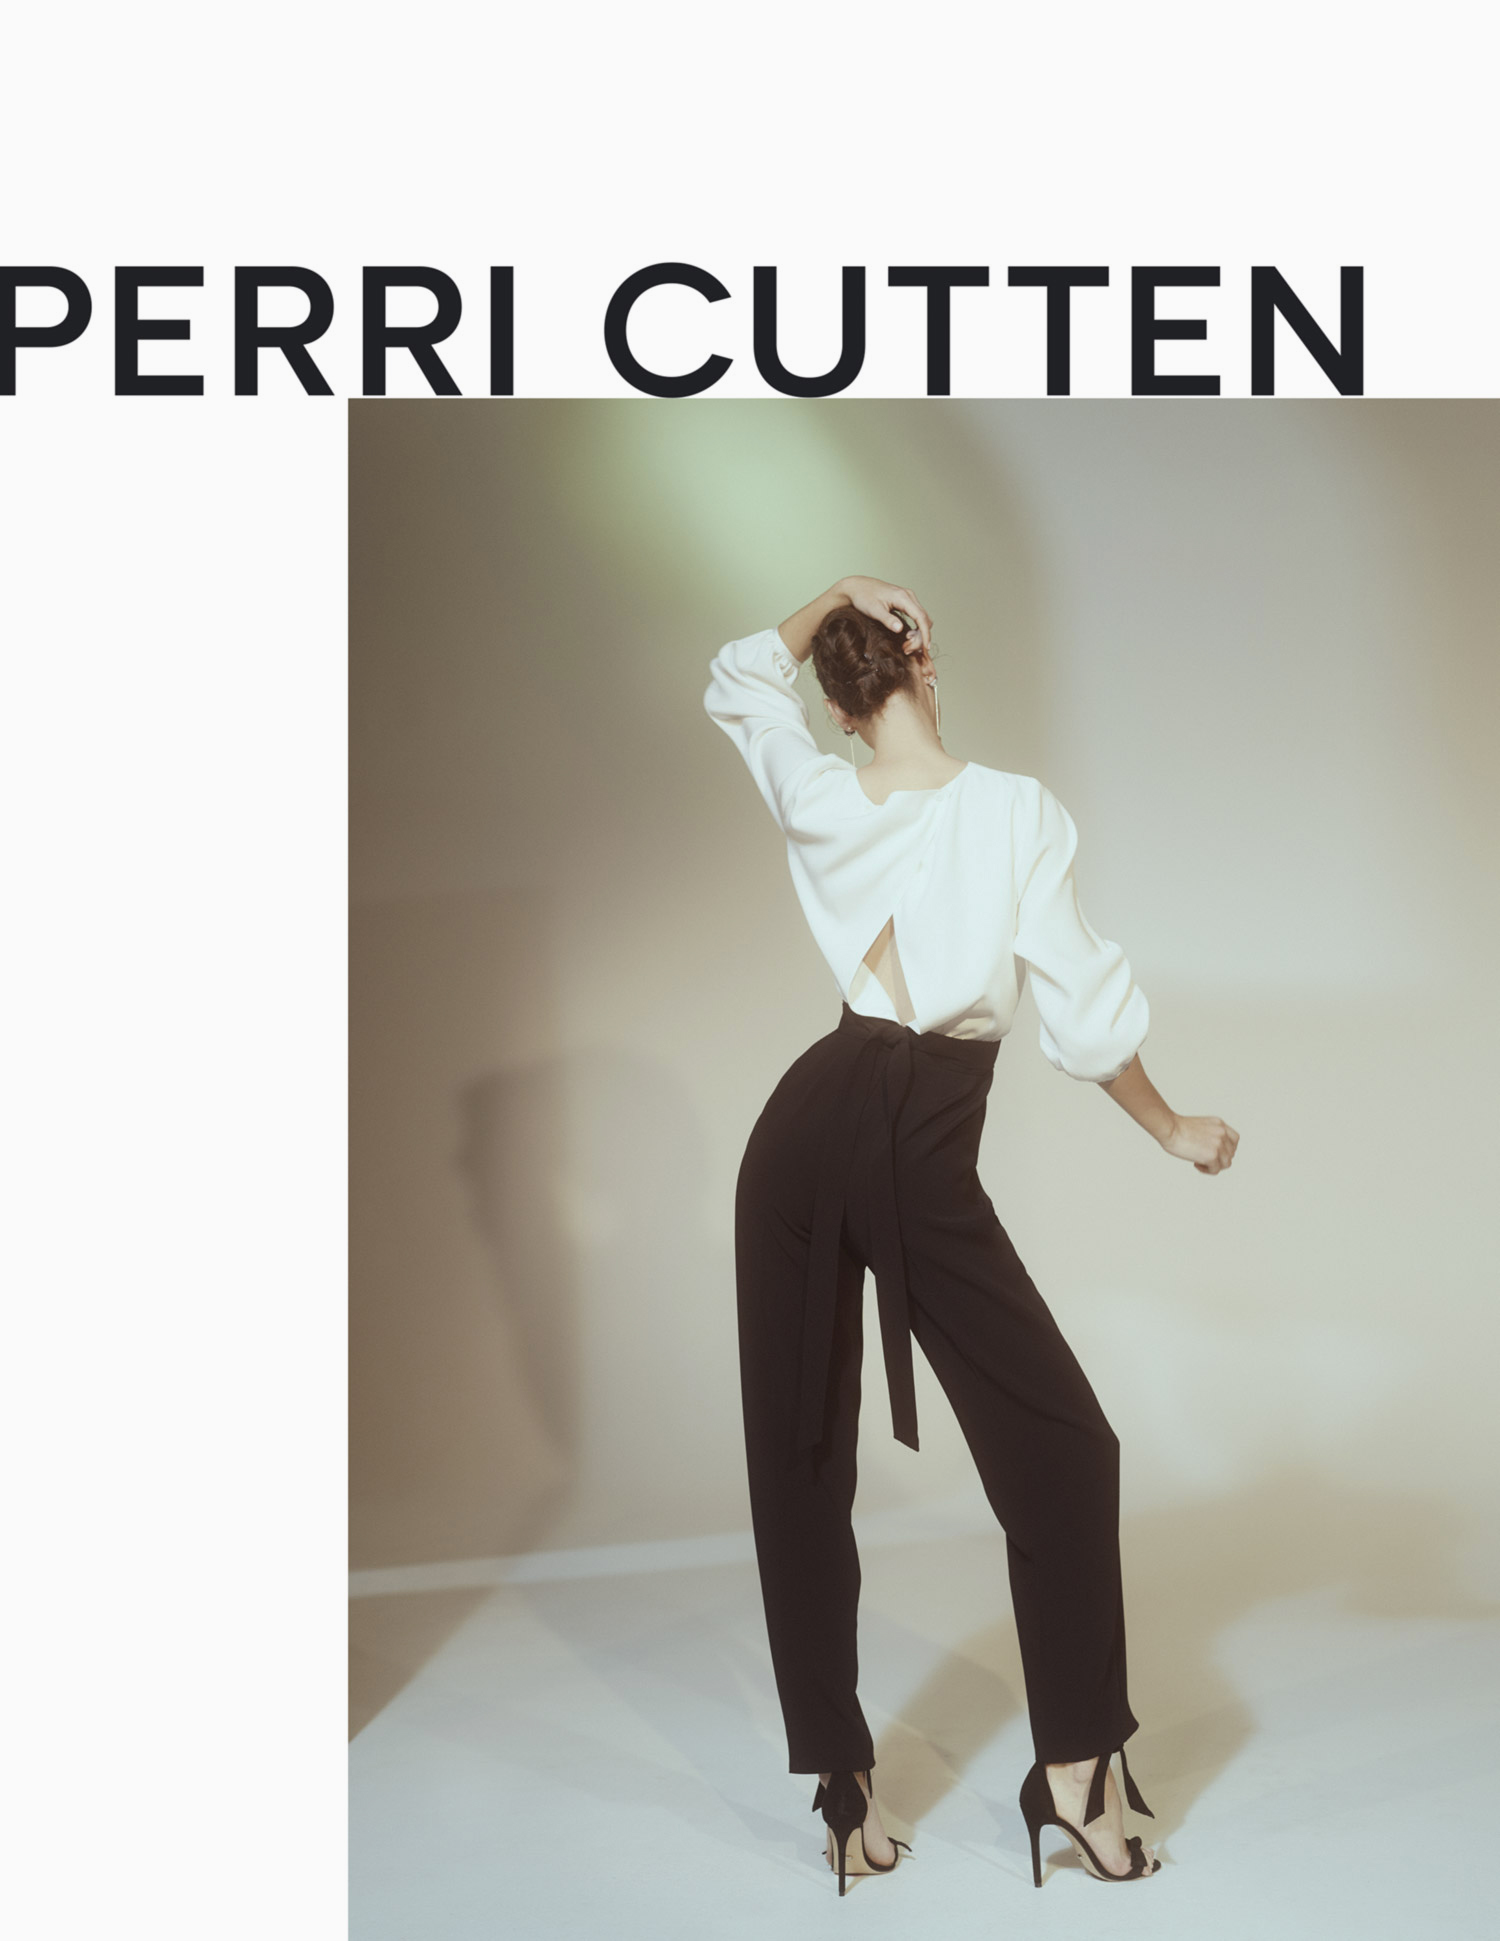 PERRI-CUTTEN-LAYOUT-3.jpg